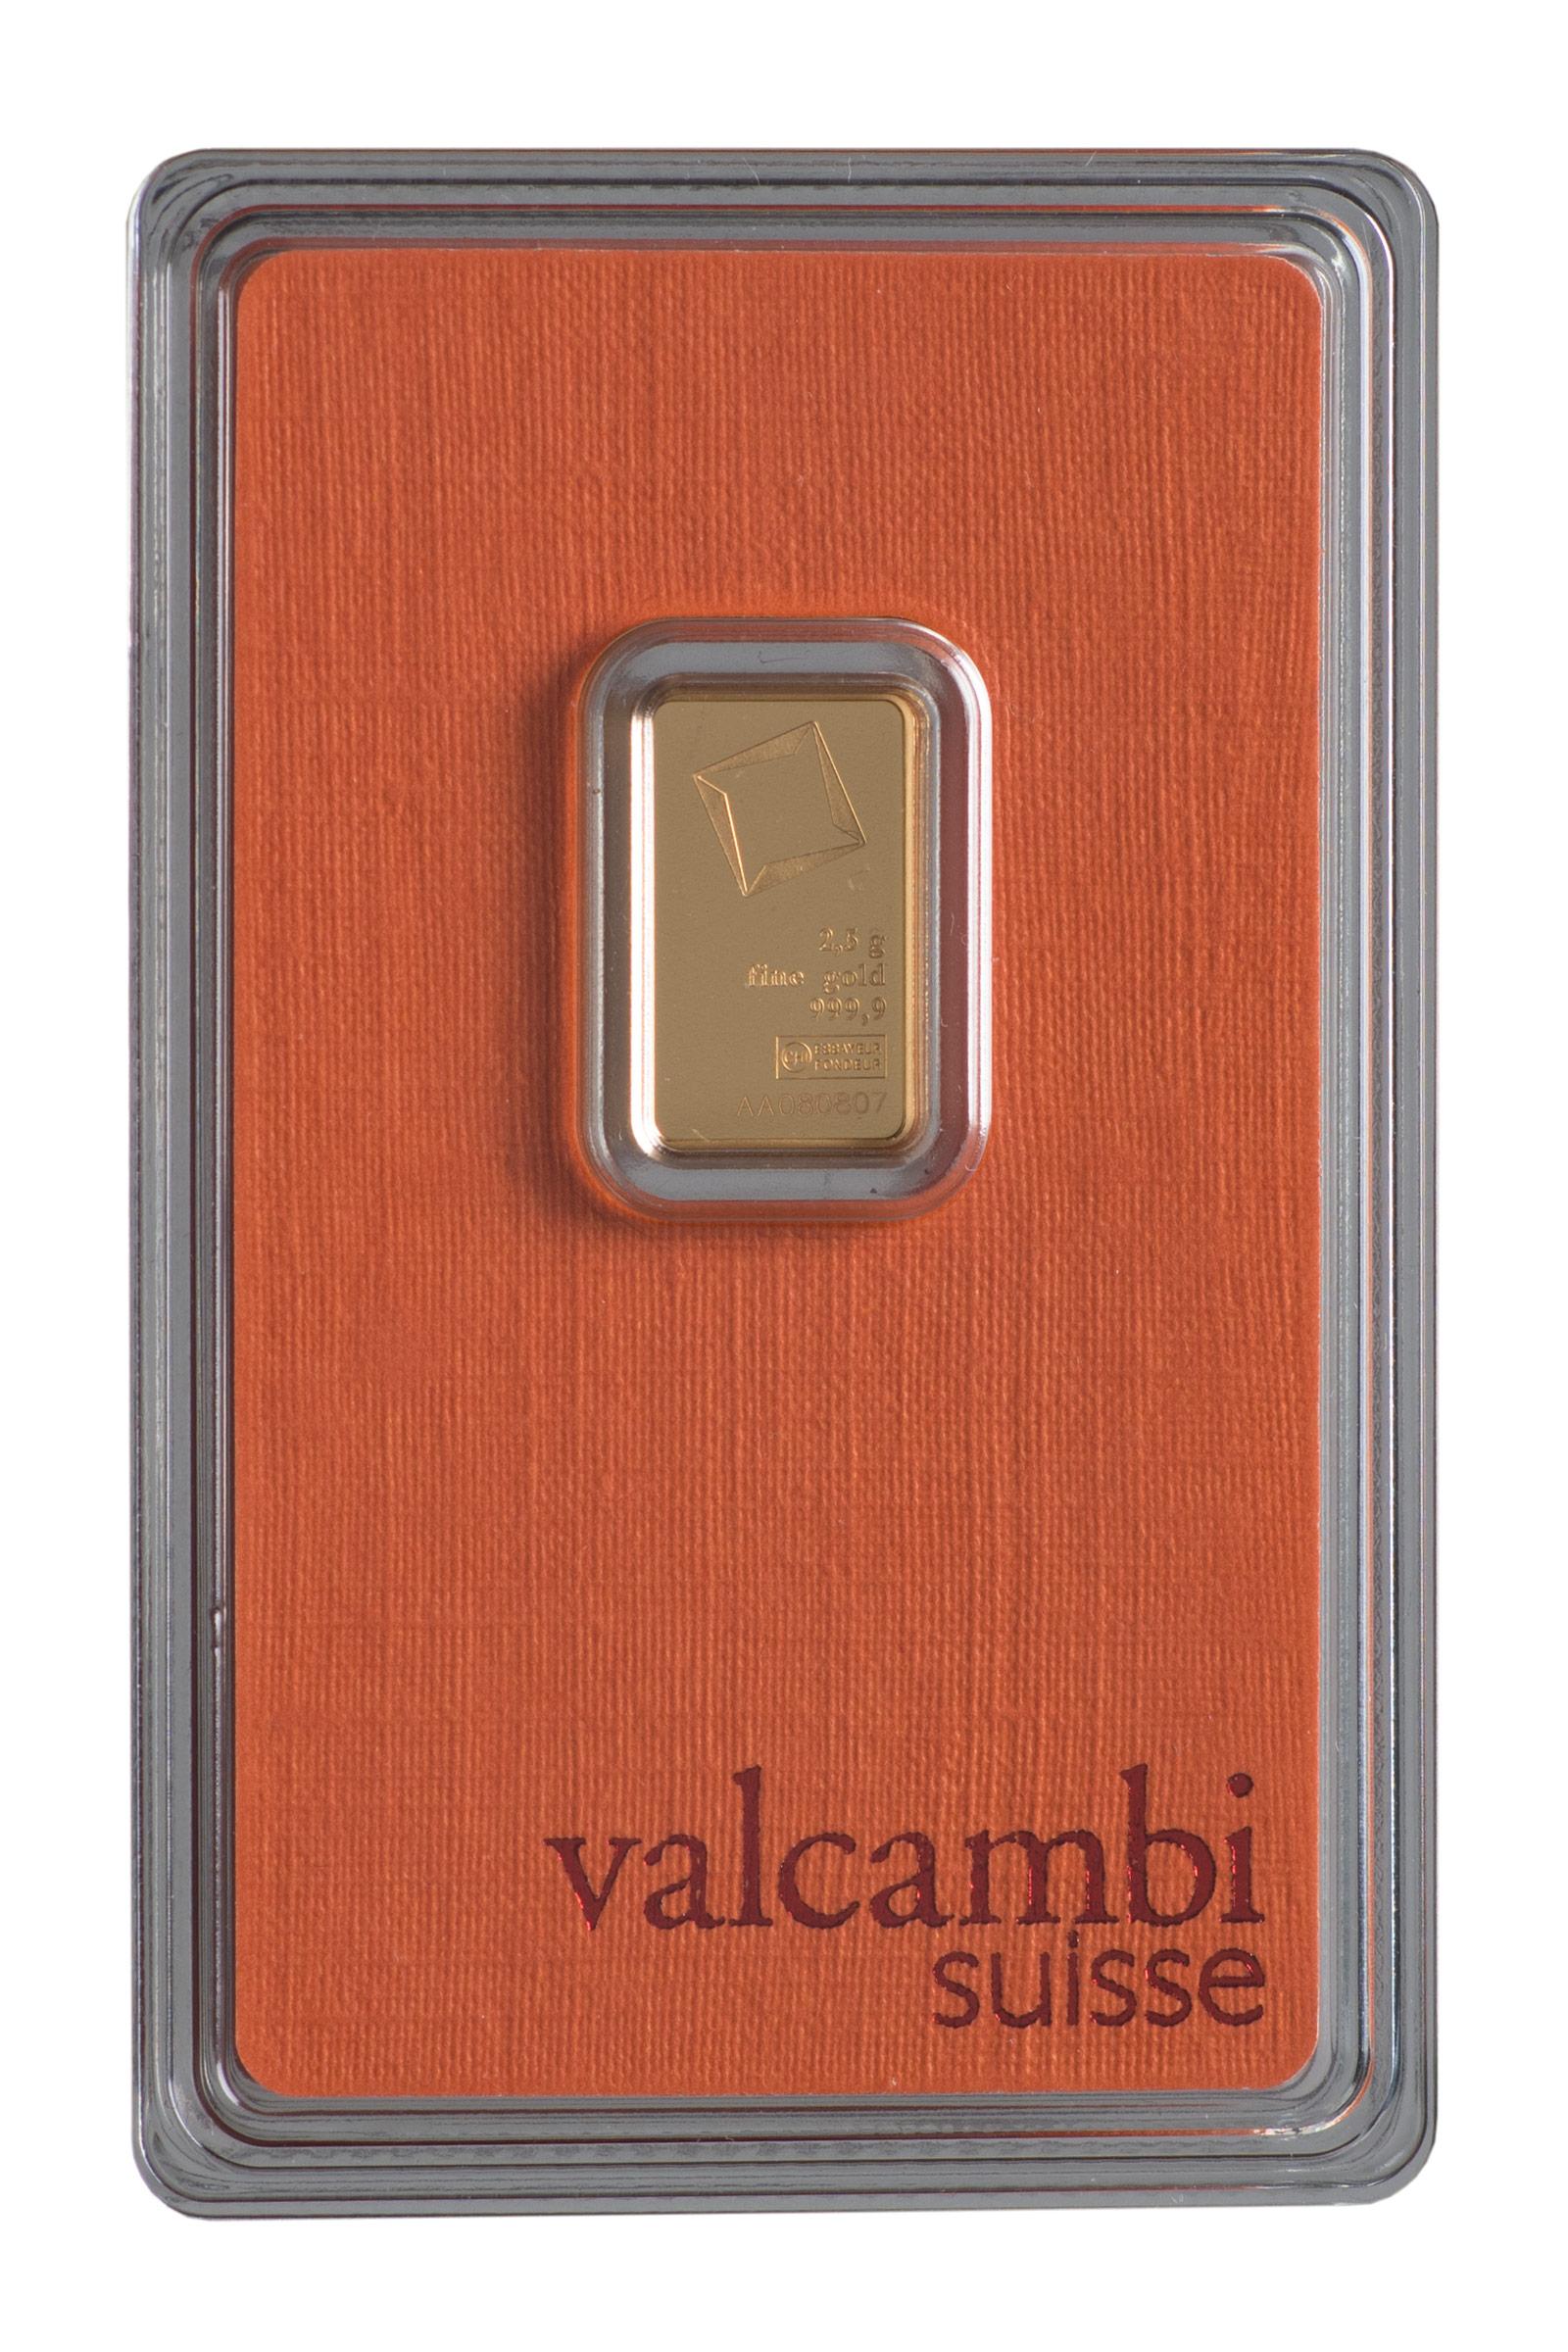 Złota sztabka Valcambi (2,5 g)